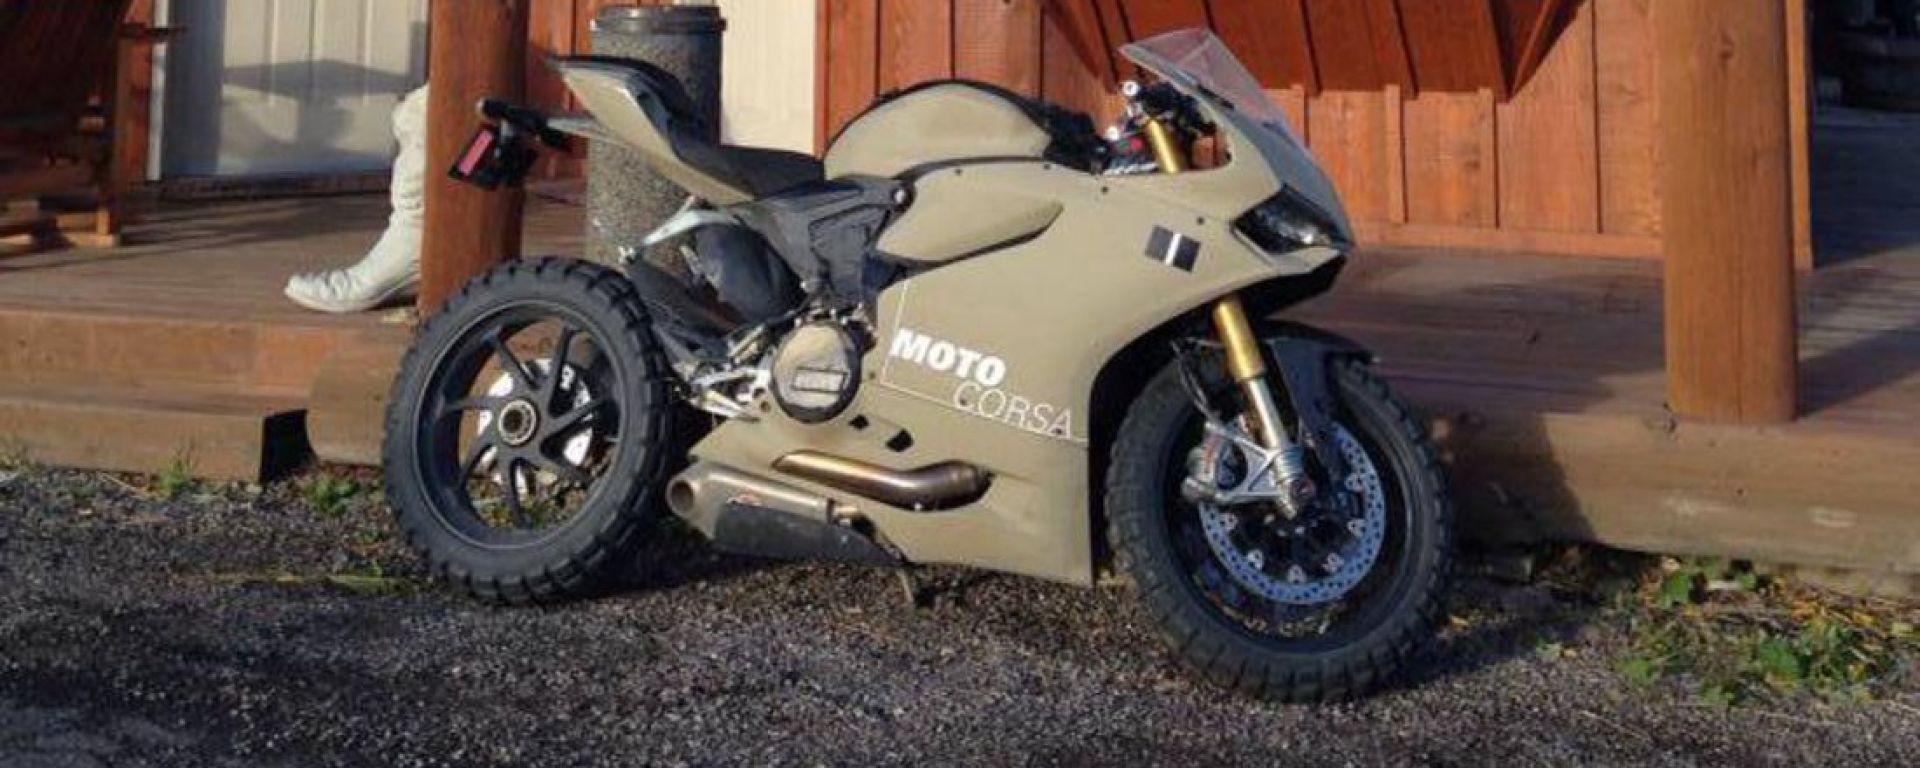 Ducati 1199 Terracorsa: la Panigale da off-road